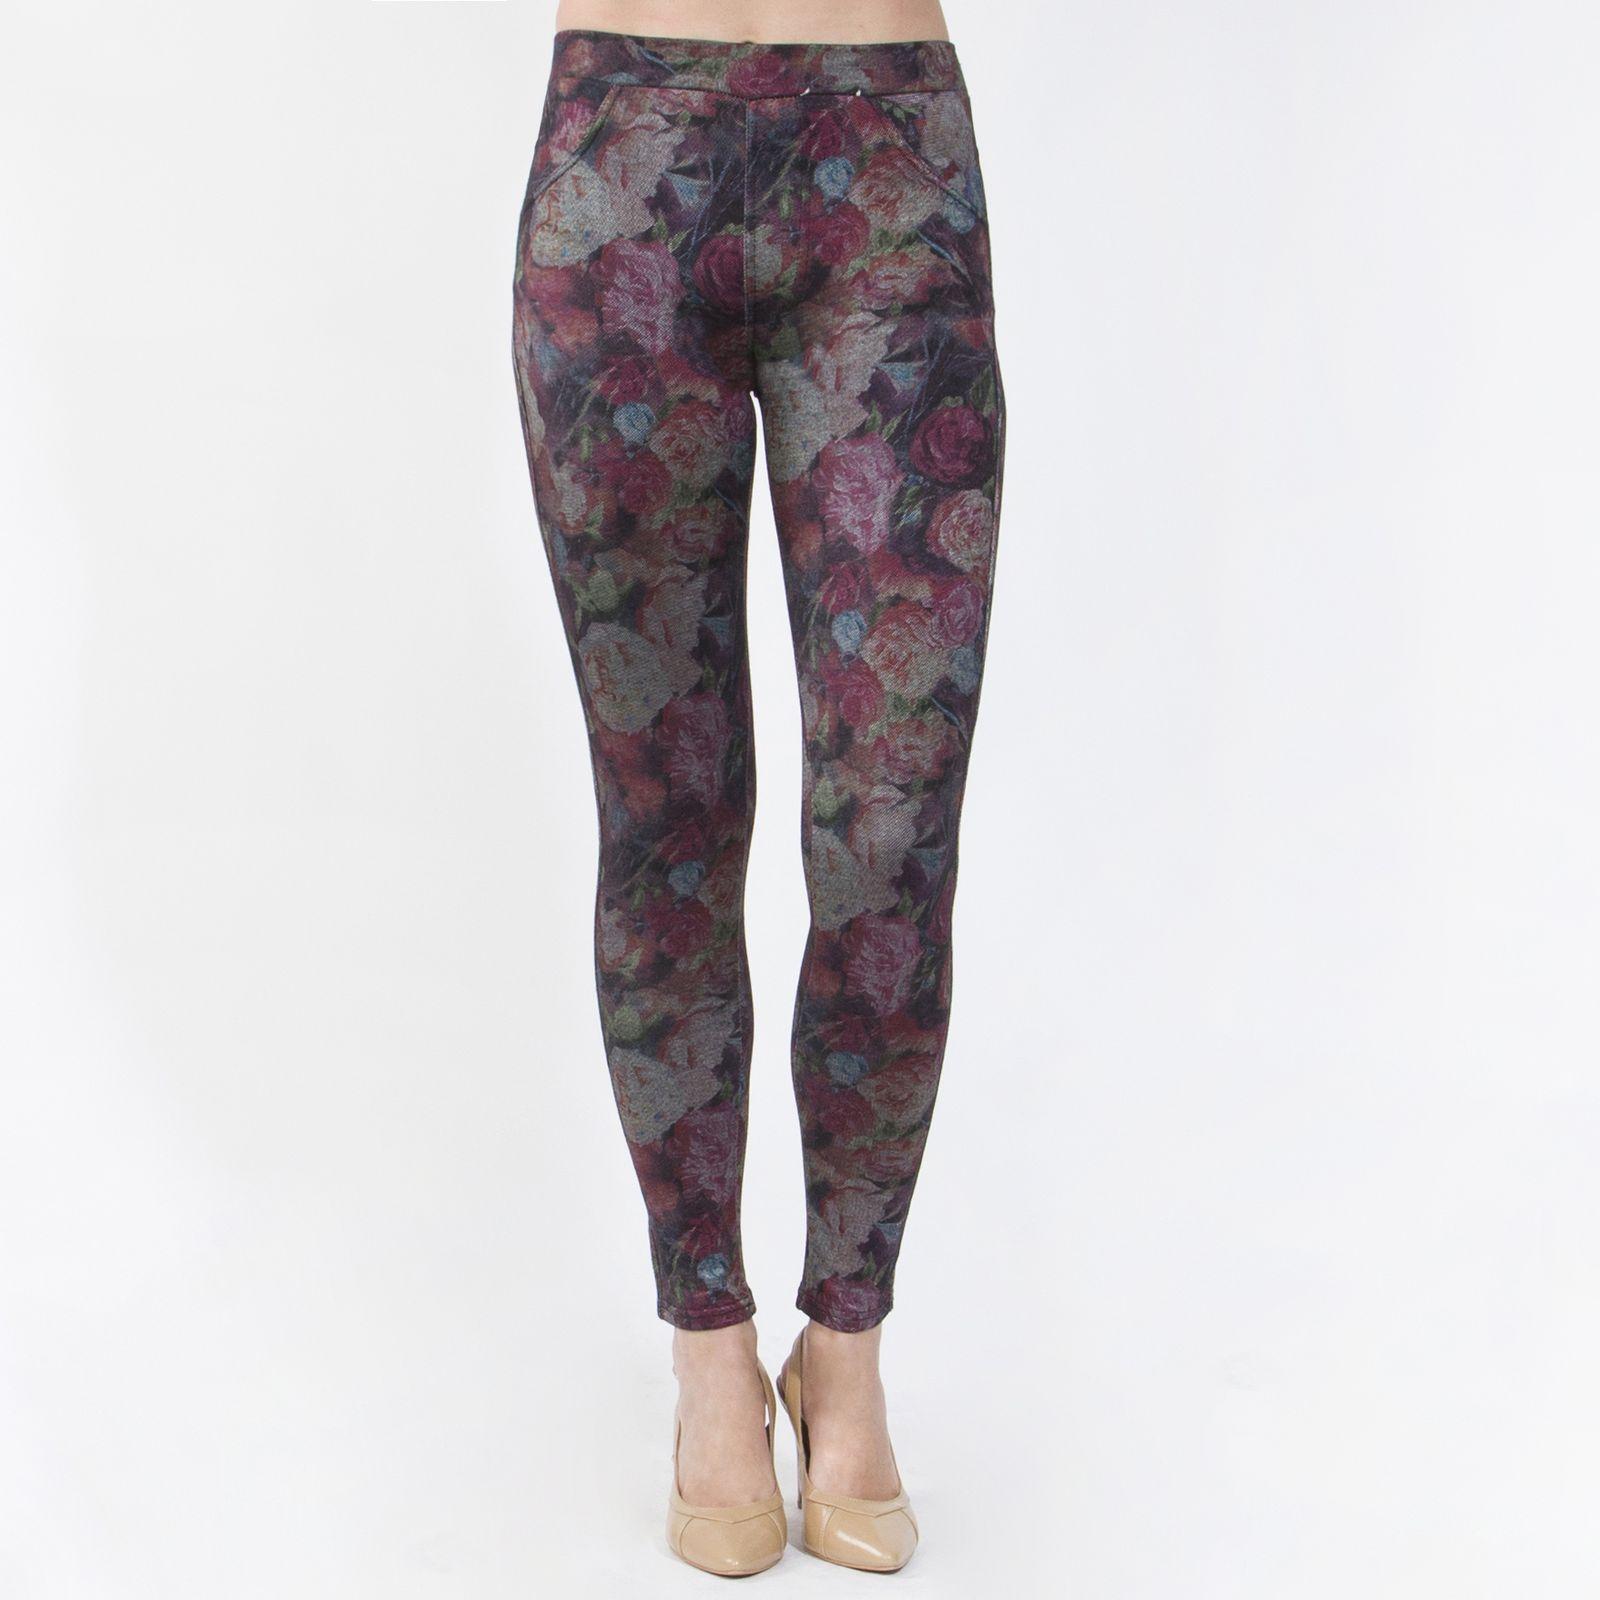 Кроеные леггинсы под джинсу «Искушение стилем»